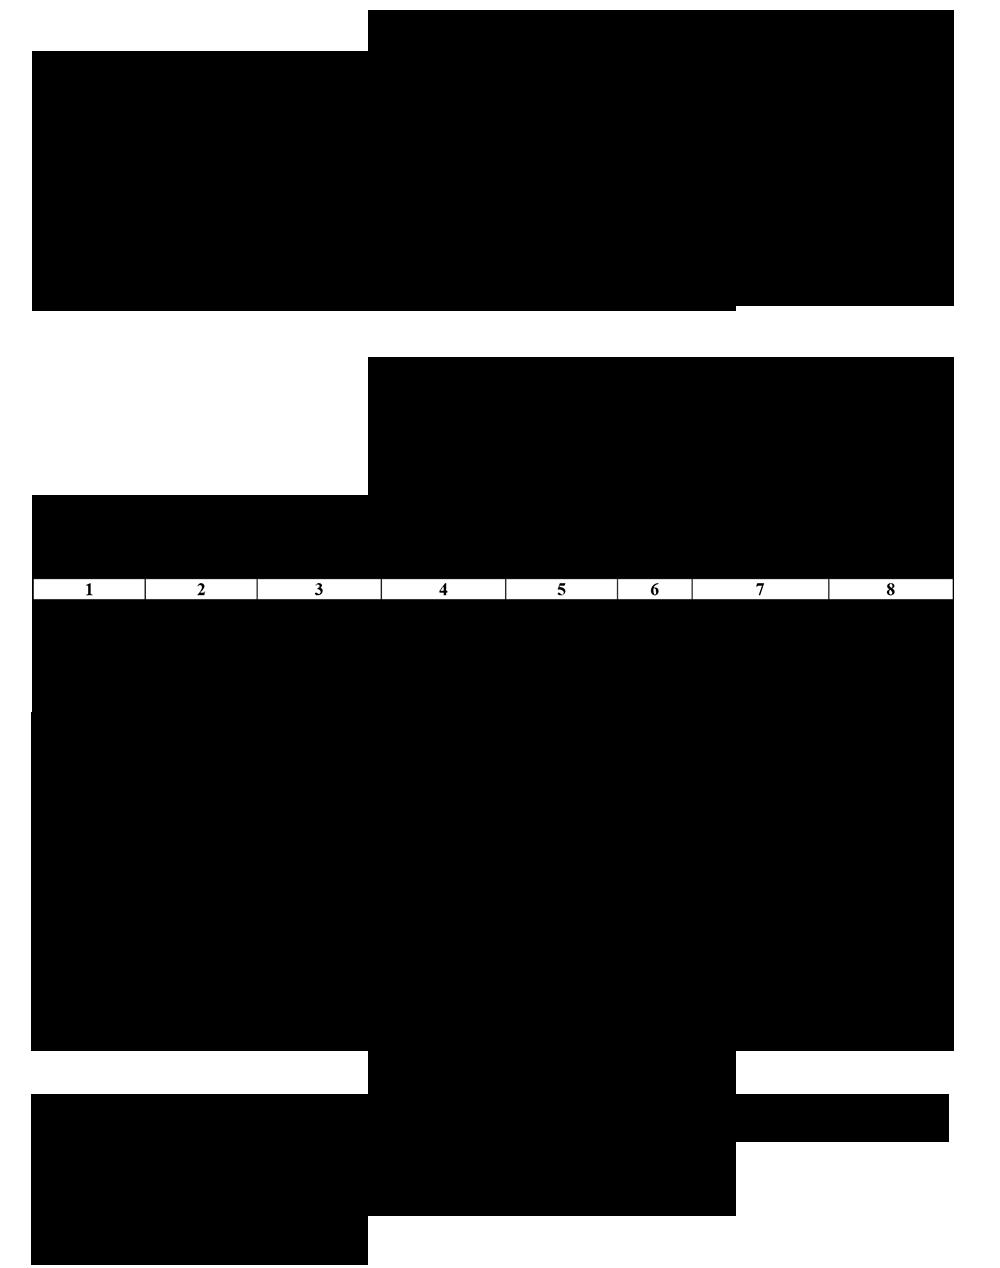 АКТ приймання-здачі відремонтованих, реконструйованих та модернізованих об'єктів (Типова форма № ОЗ-2)